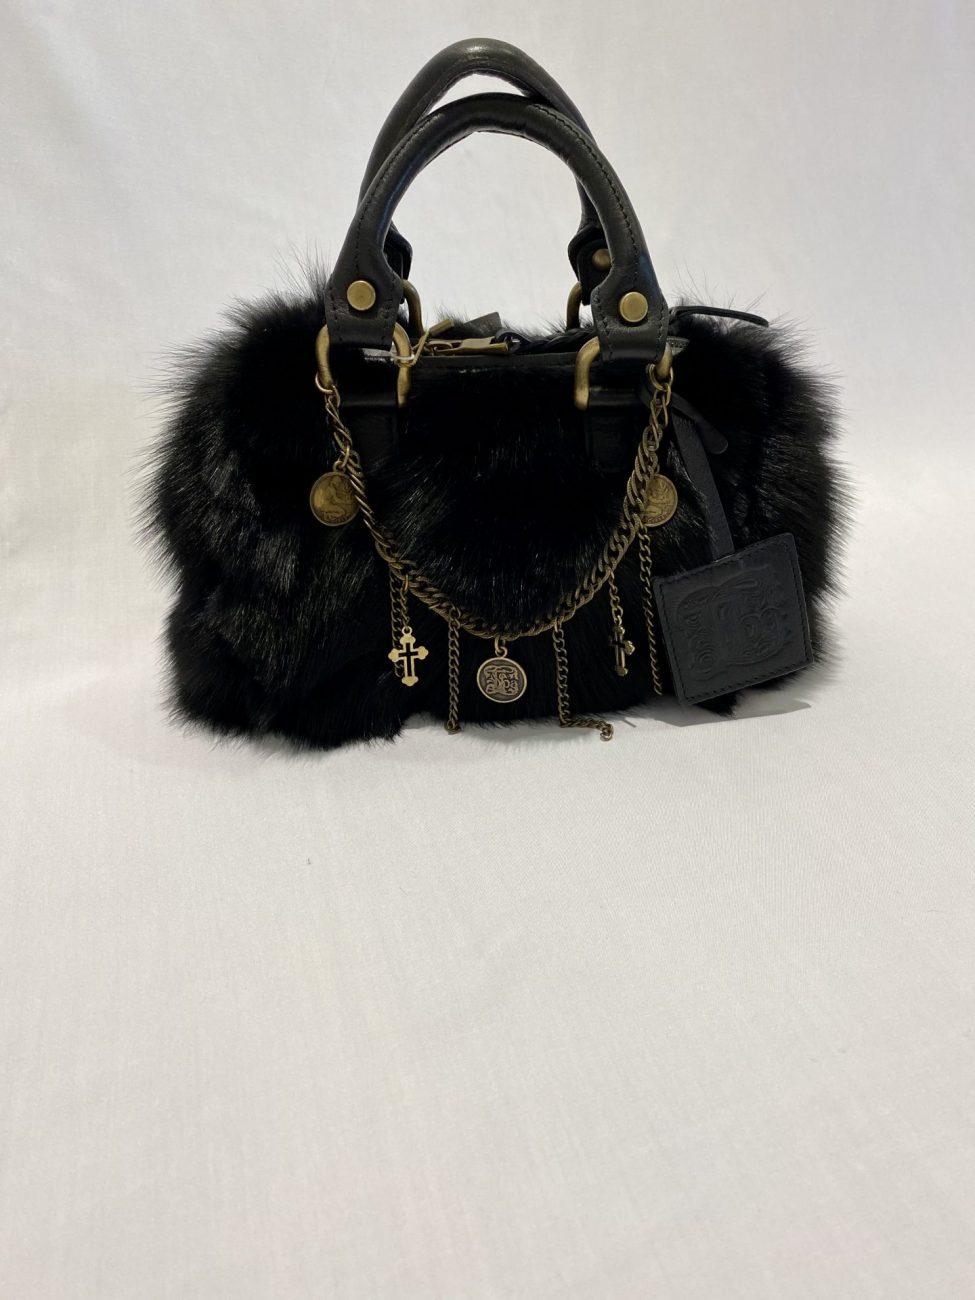 T.ba Bolsito Black Fur Handbag